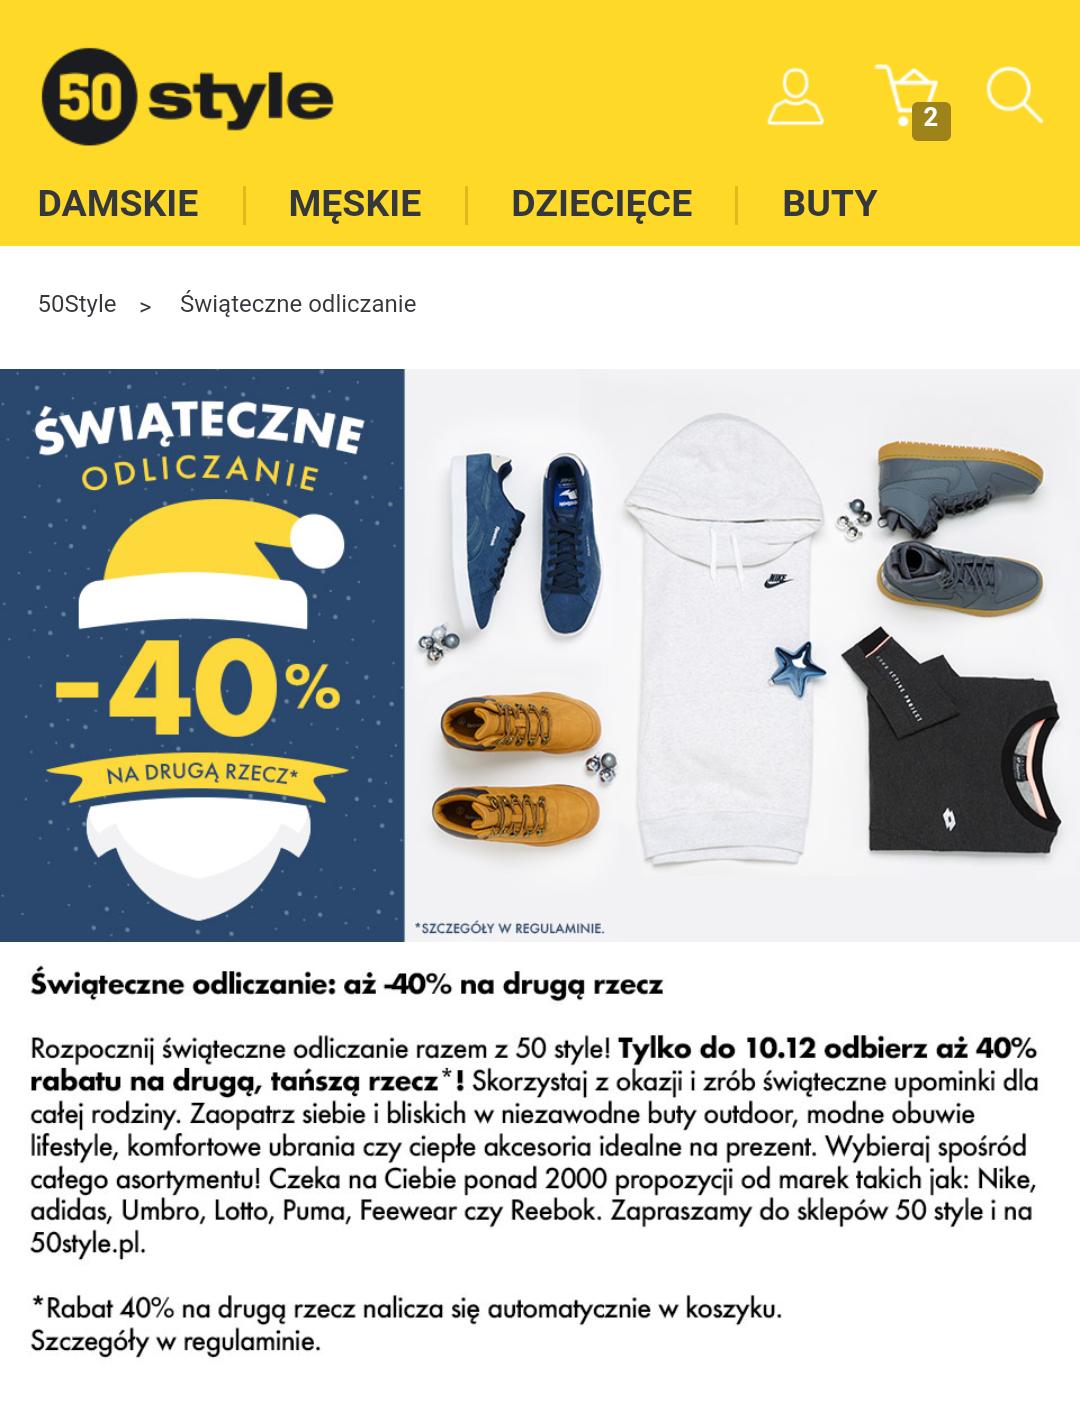 Świąteczne odliczanie: -40% na drugą rzecz@50style.pl